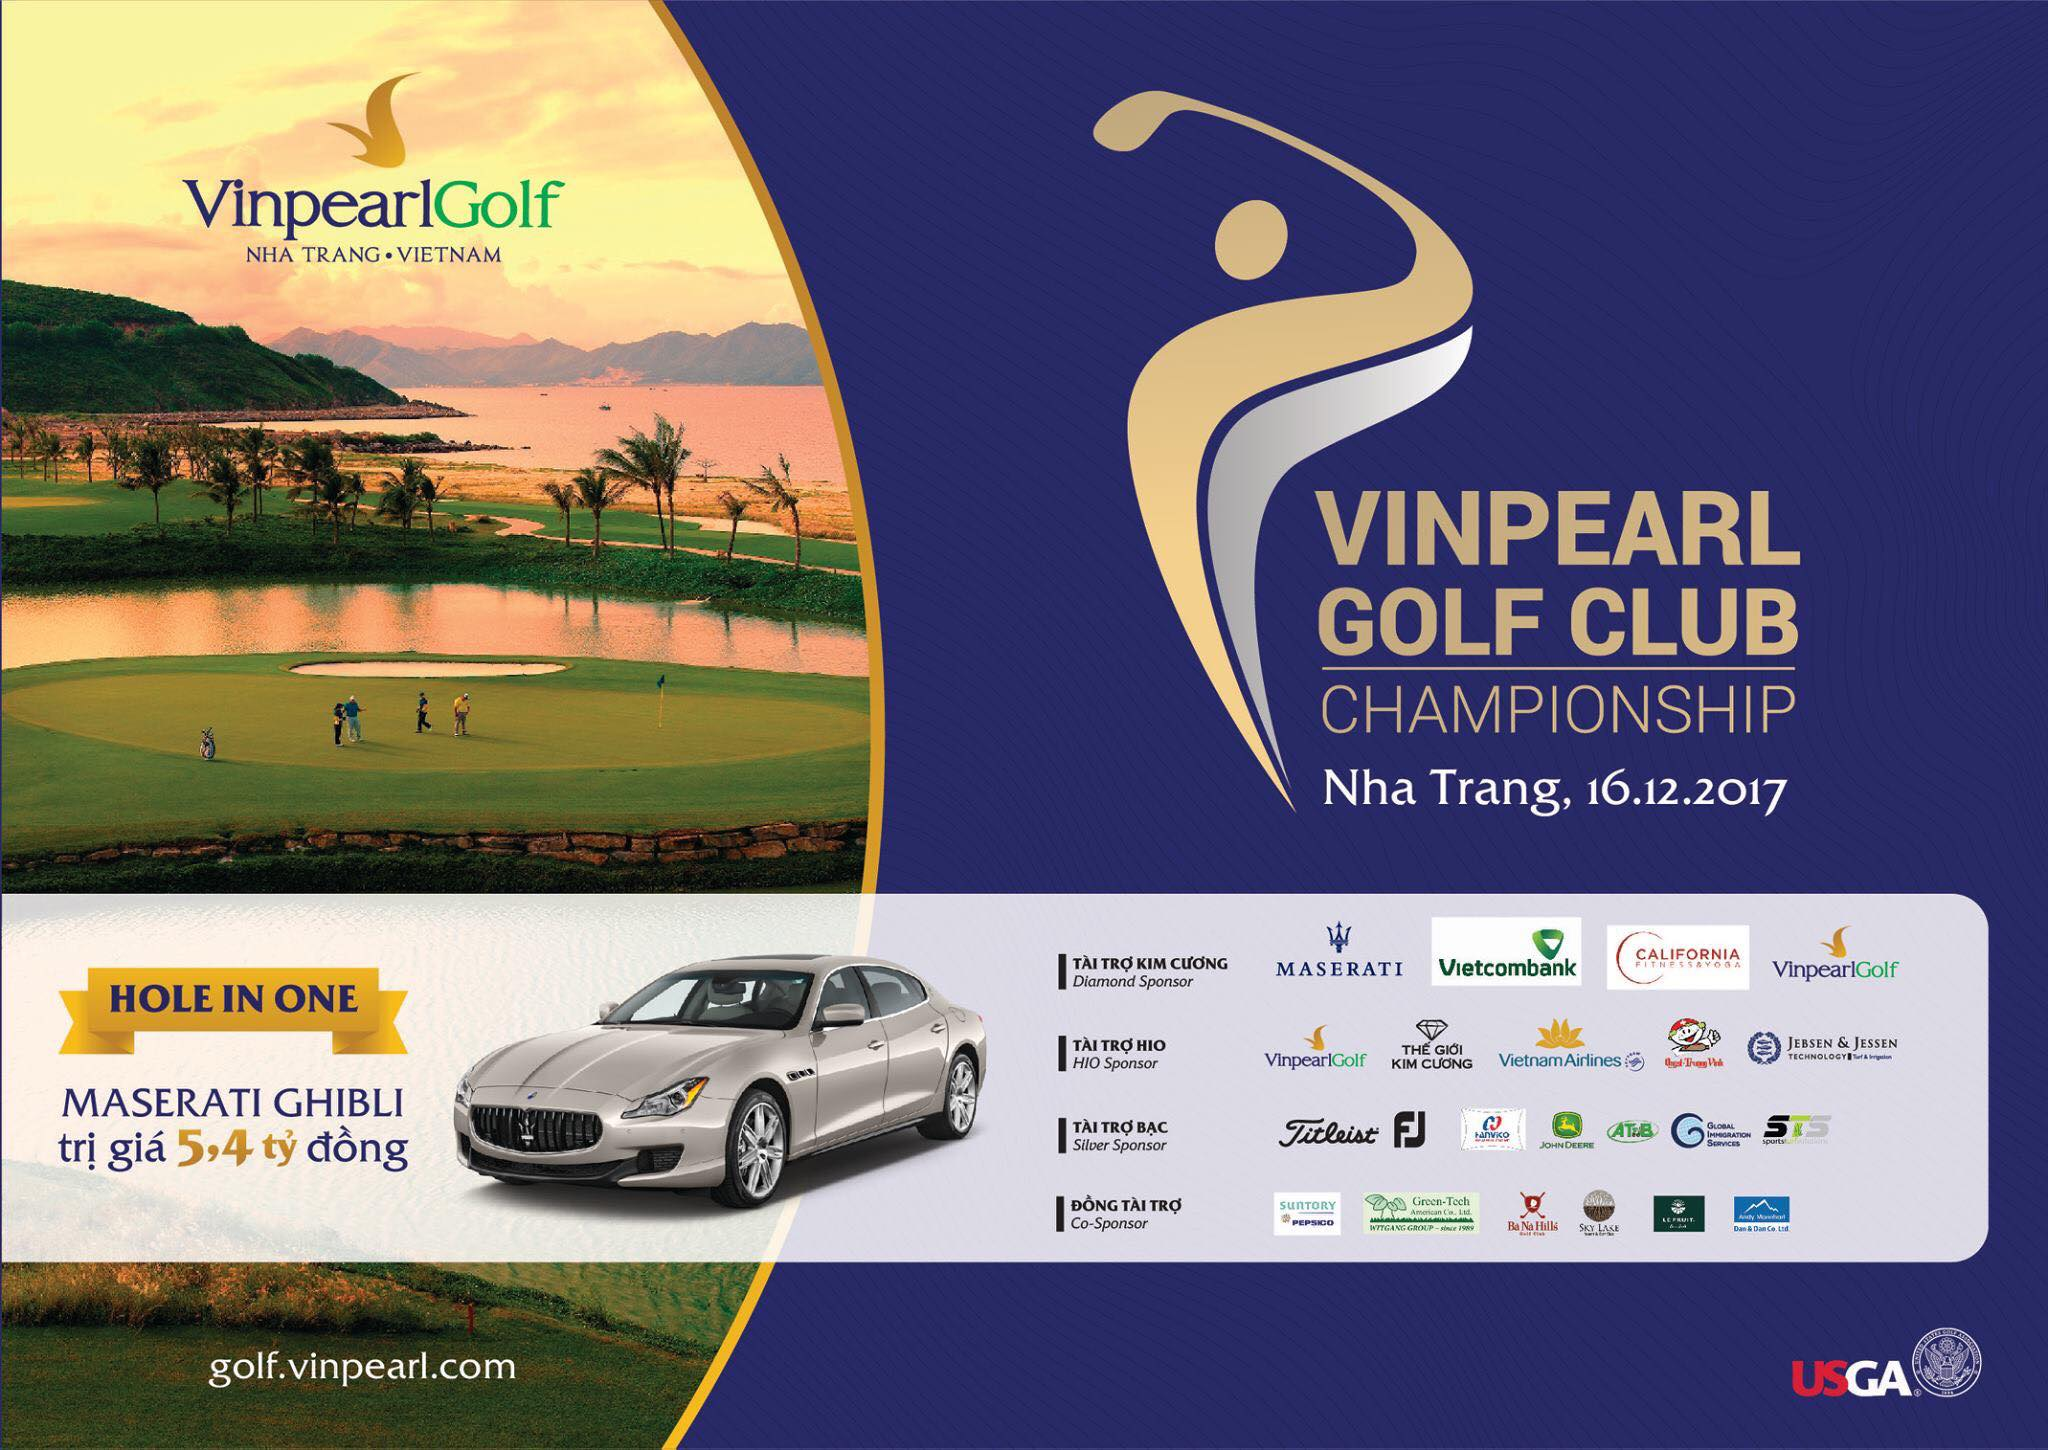 Giải golf Vinpearl Golf Club Championship Nha Trang